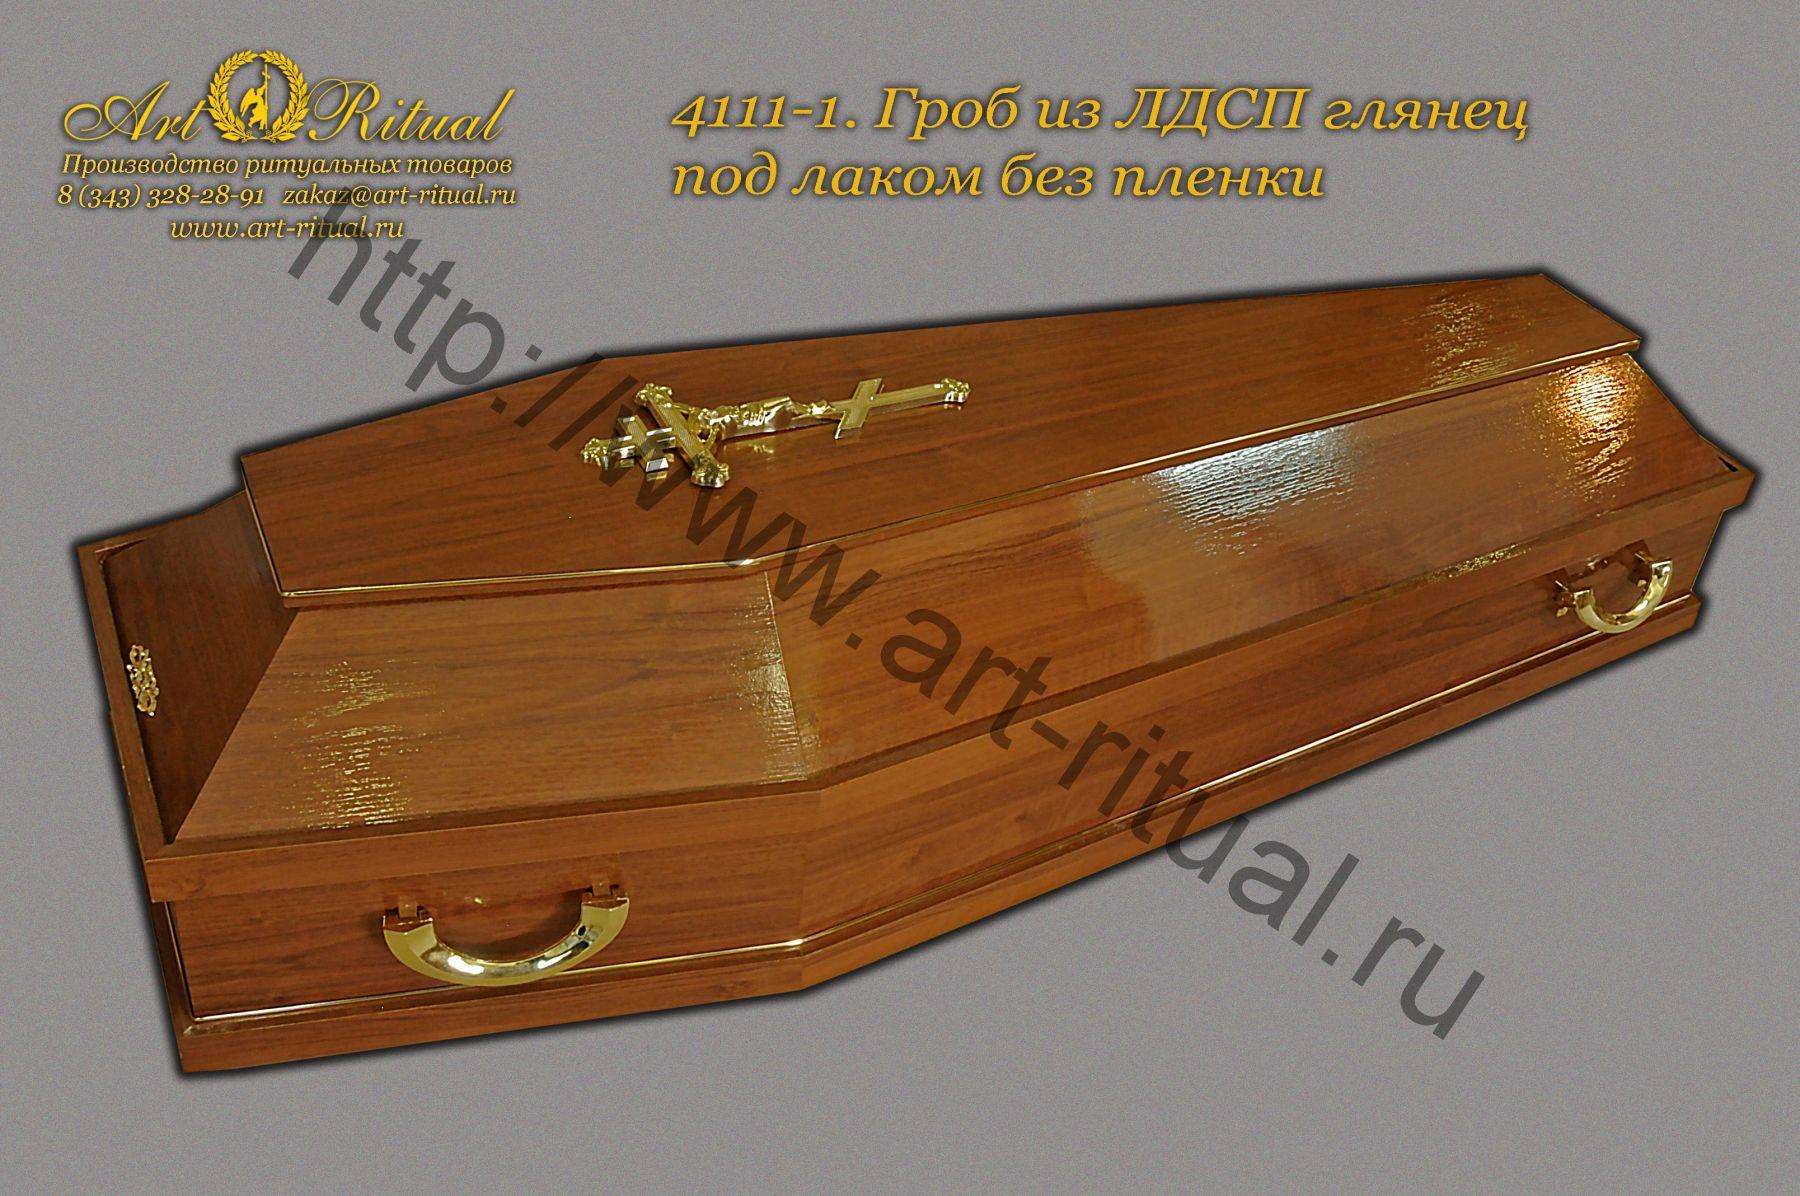 зодиака Козерог вакансии обивщик гробов москва парфюм очень четким